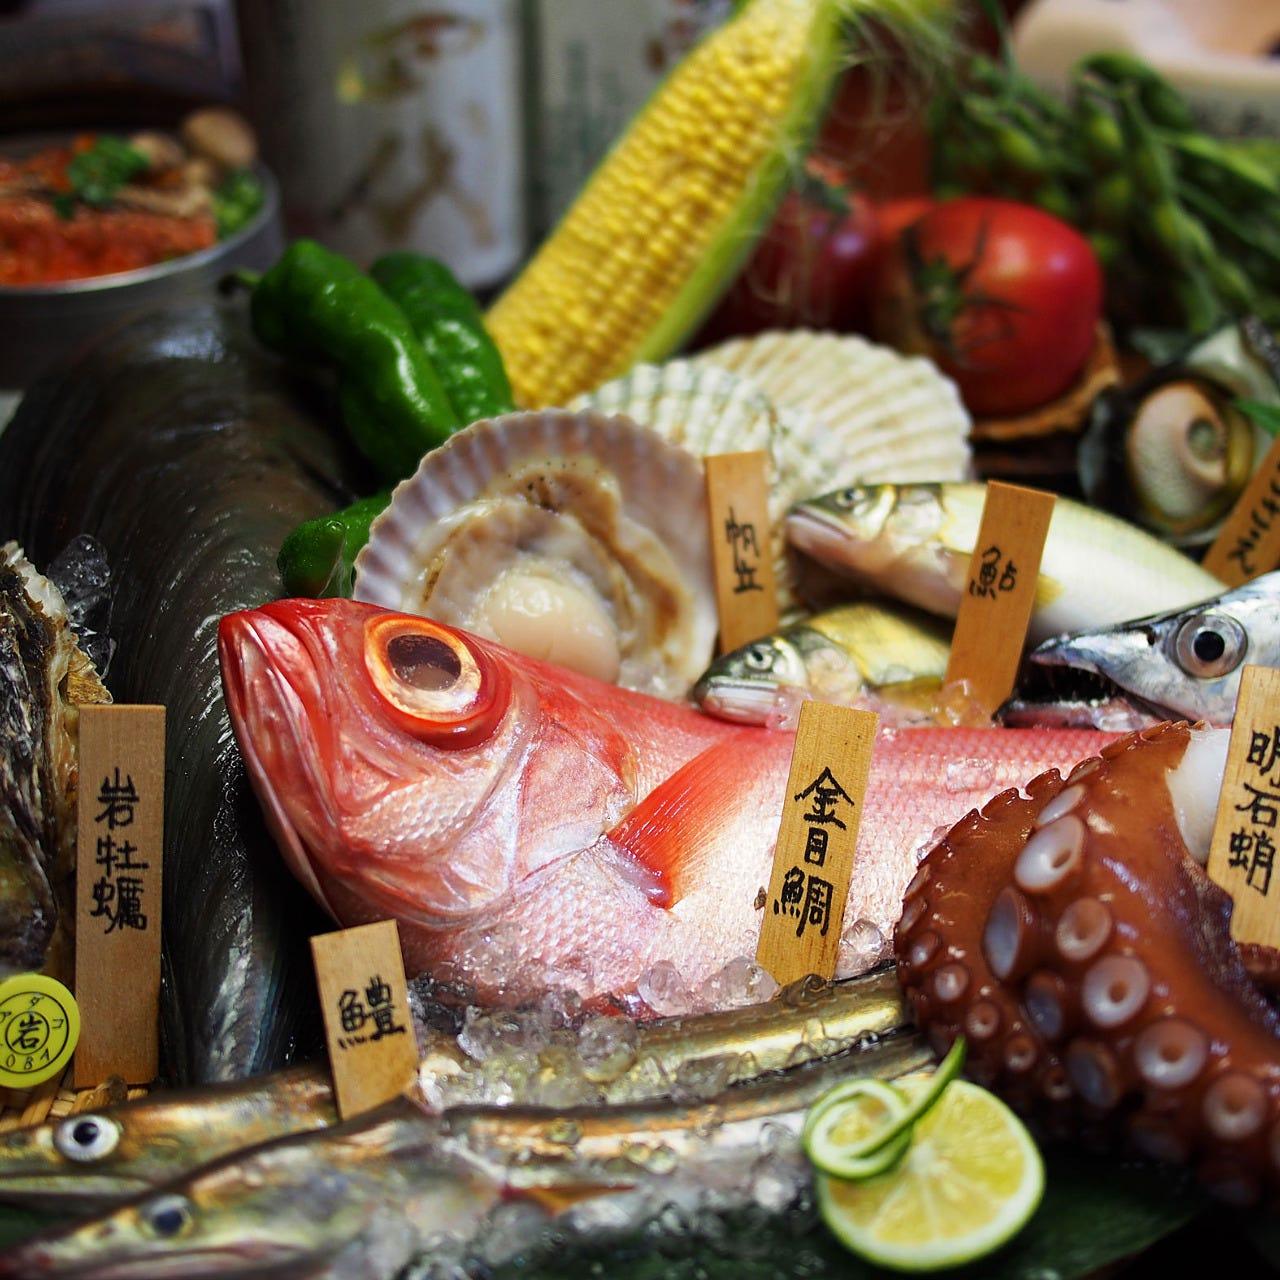 四季折々の魚に野菜、厳選した上質国産牛をアラカルトでも堪能